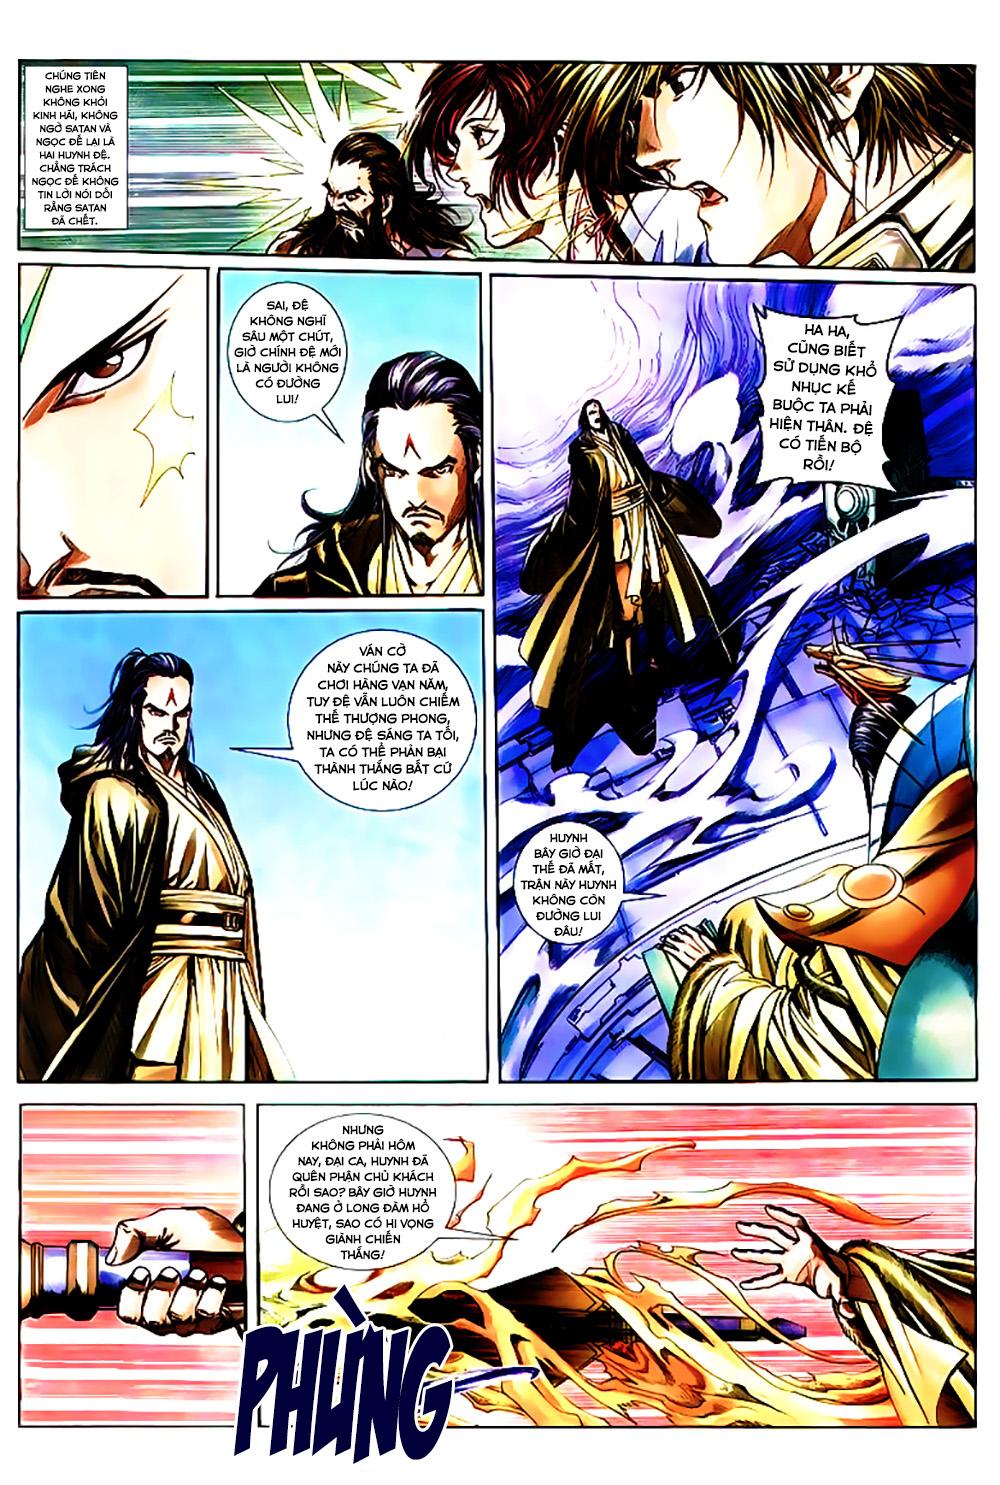 xem truyen moi - BÁT TIÊN ĐẠO - Chapter 28: Đồng Căn Sinh